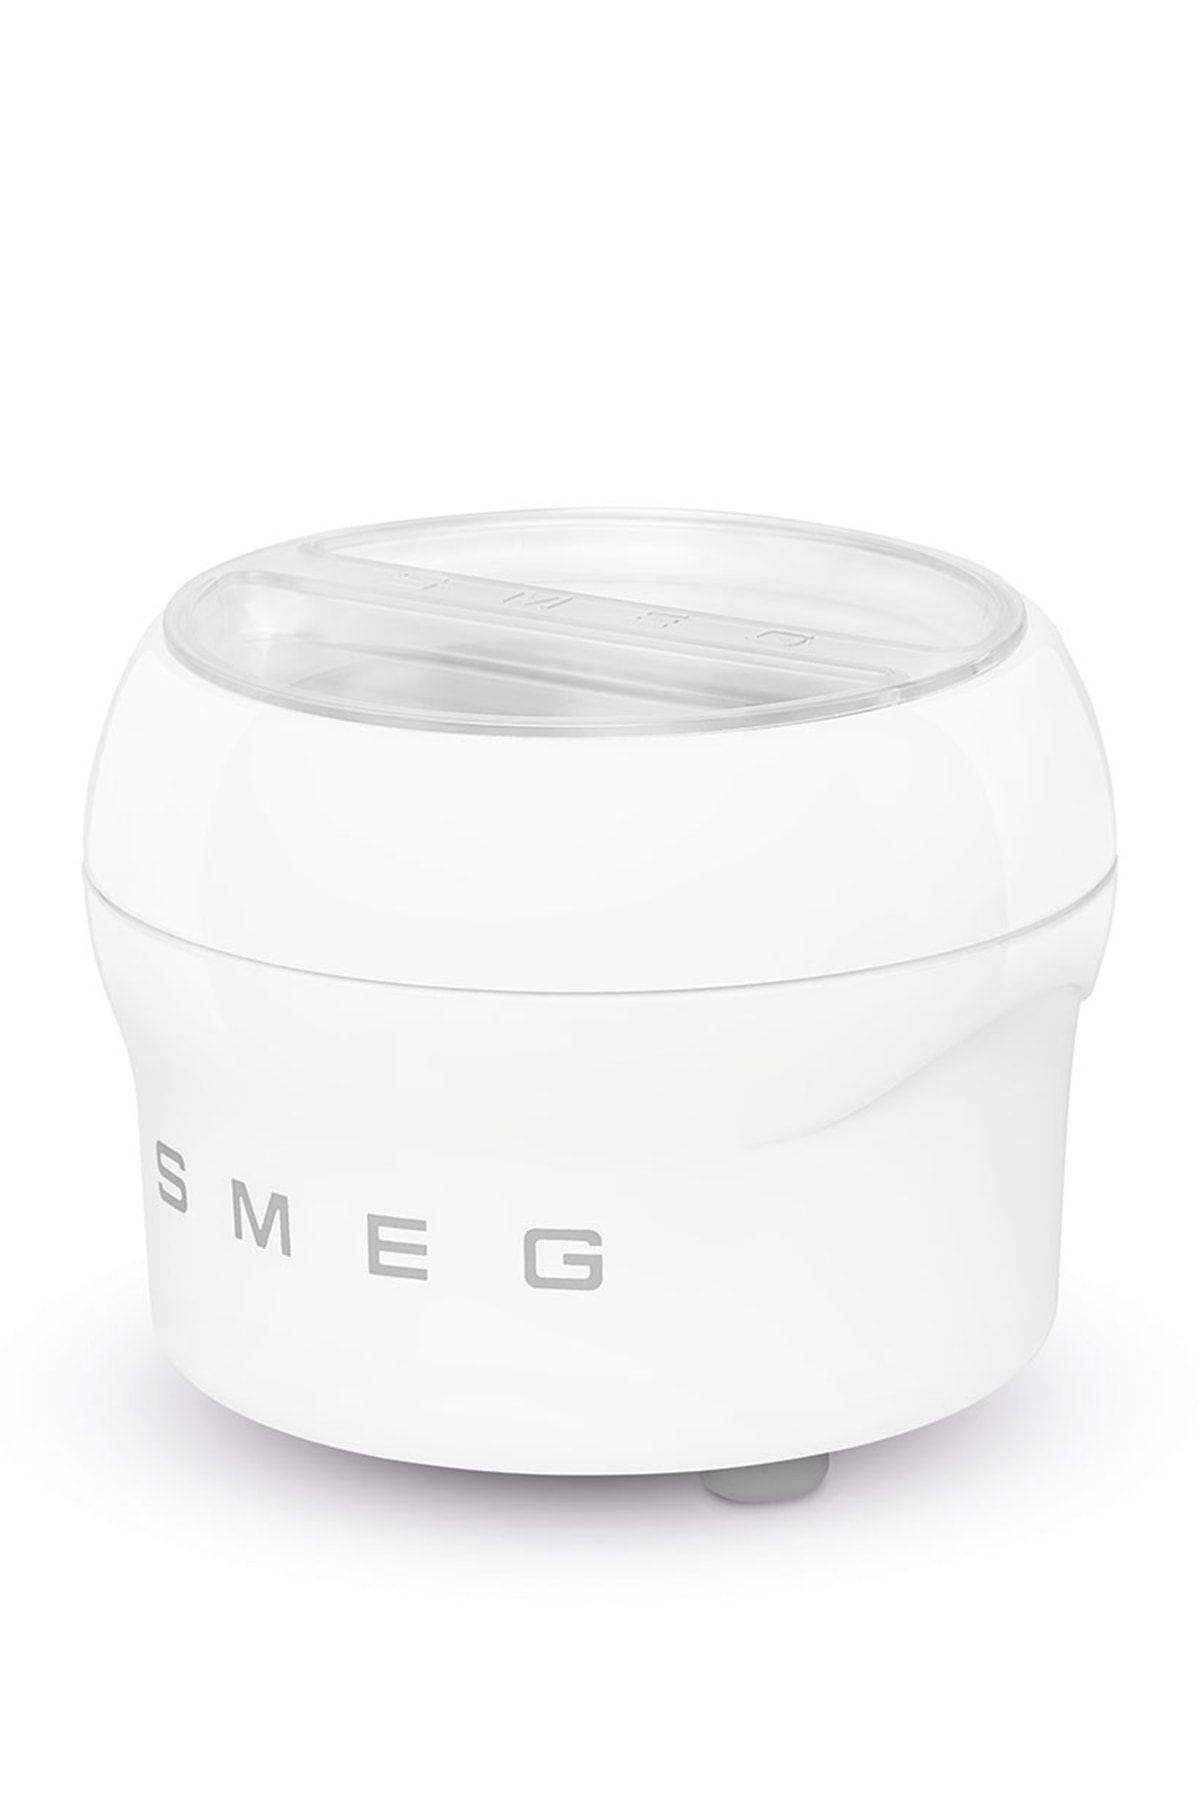 SMEG Dondurma Şerbet Ve Dondurulmuş Yoğurt Hazırlamak İçin Aksesuar Smıc01 1